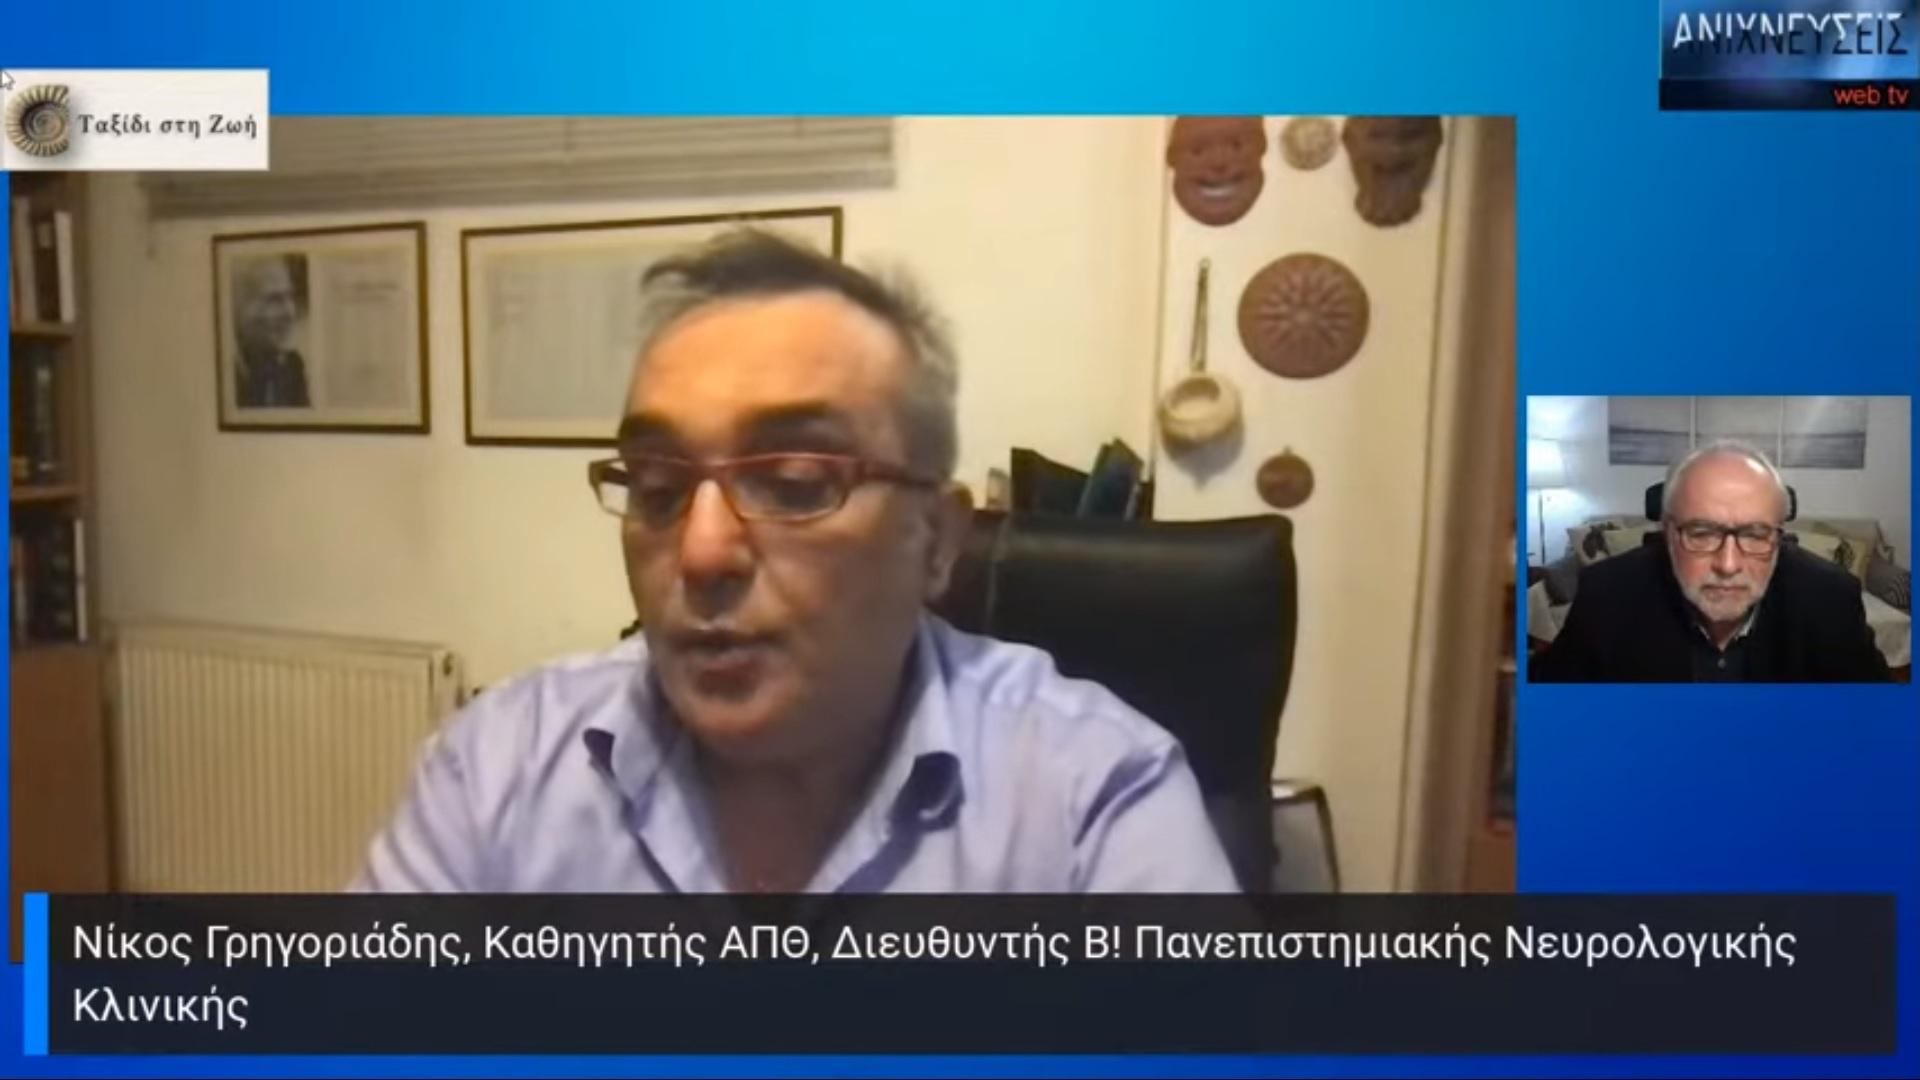 Συνέντευξη του κ.Γρηγοριάδη στην εκπομπή ΤΑΞΙΔΙ ΣΤΗ ΖΩΗ – ΑΝΙΧΝΕΥΣΕΙΣ